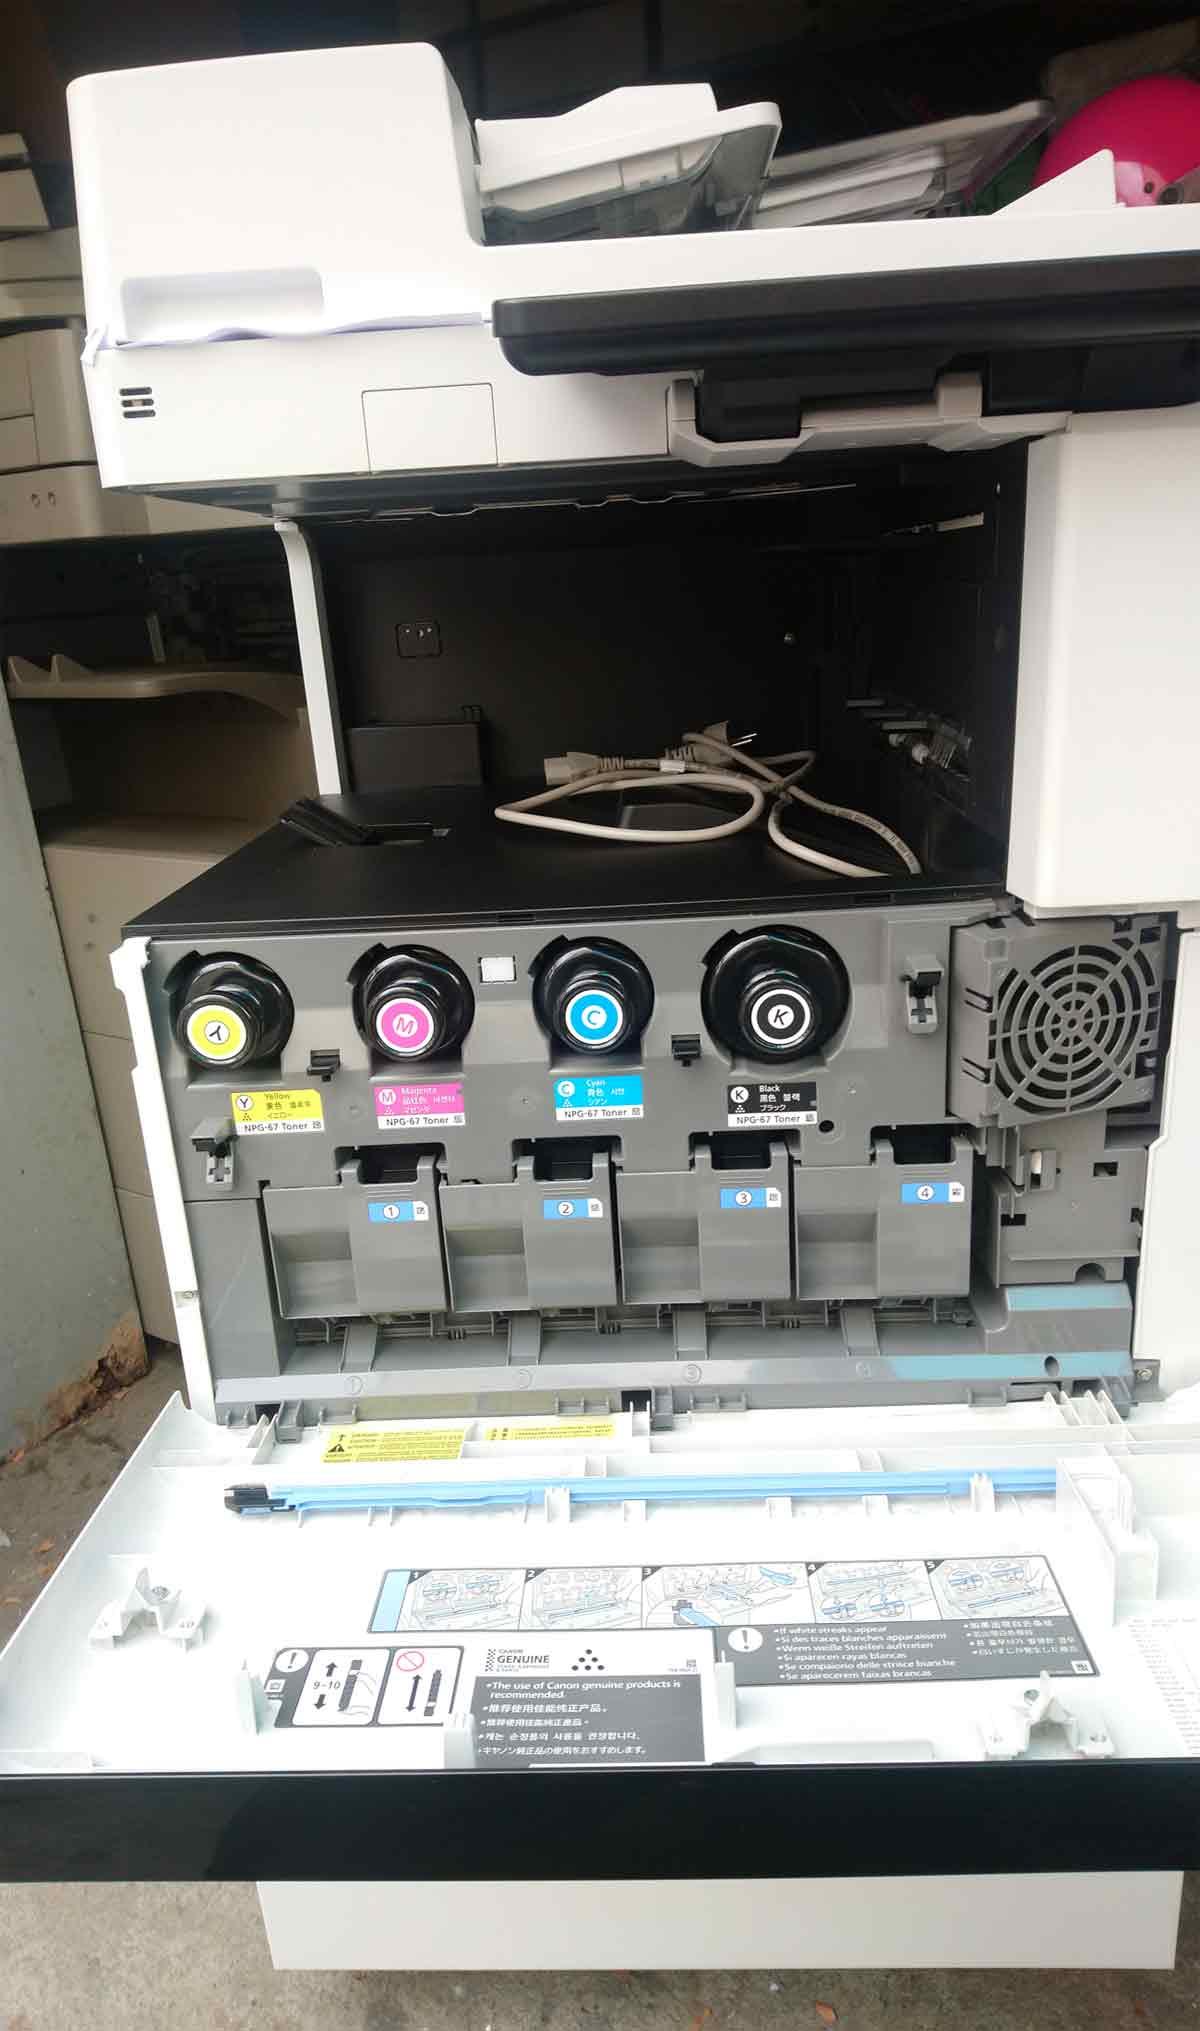 เครื่องถ่ายเอกสารสีมือสอง CANON Advance C3525i รุ่นใหม่ชนห้าง มิเตอร์น้อยมาก 2